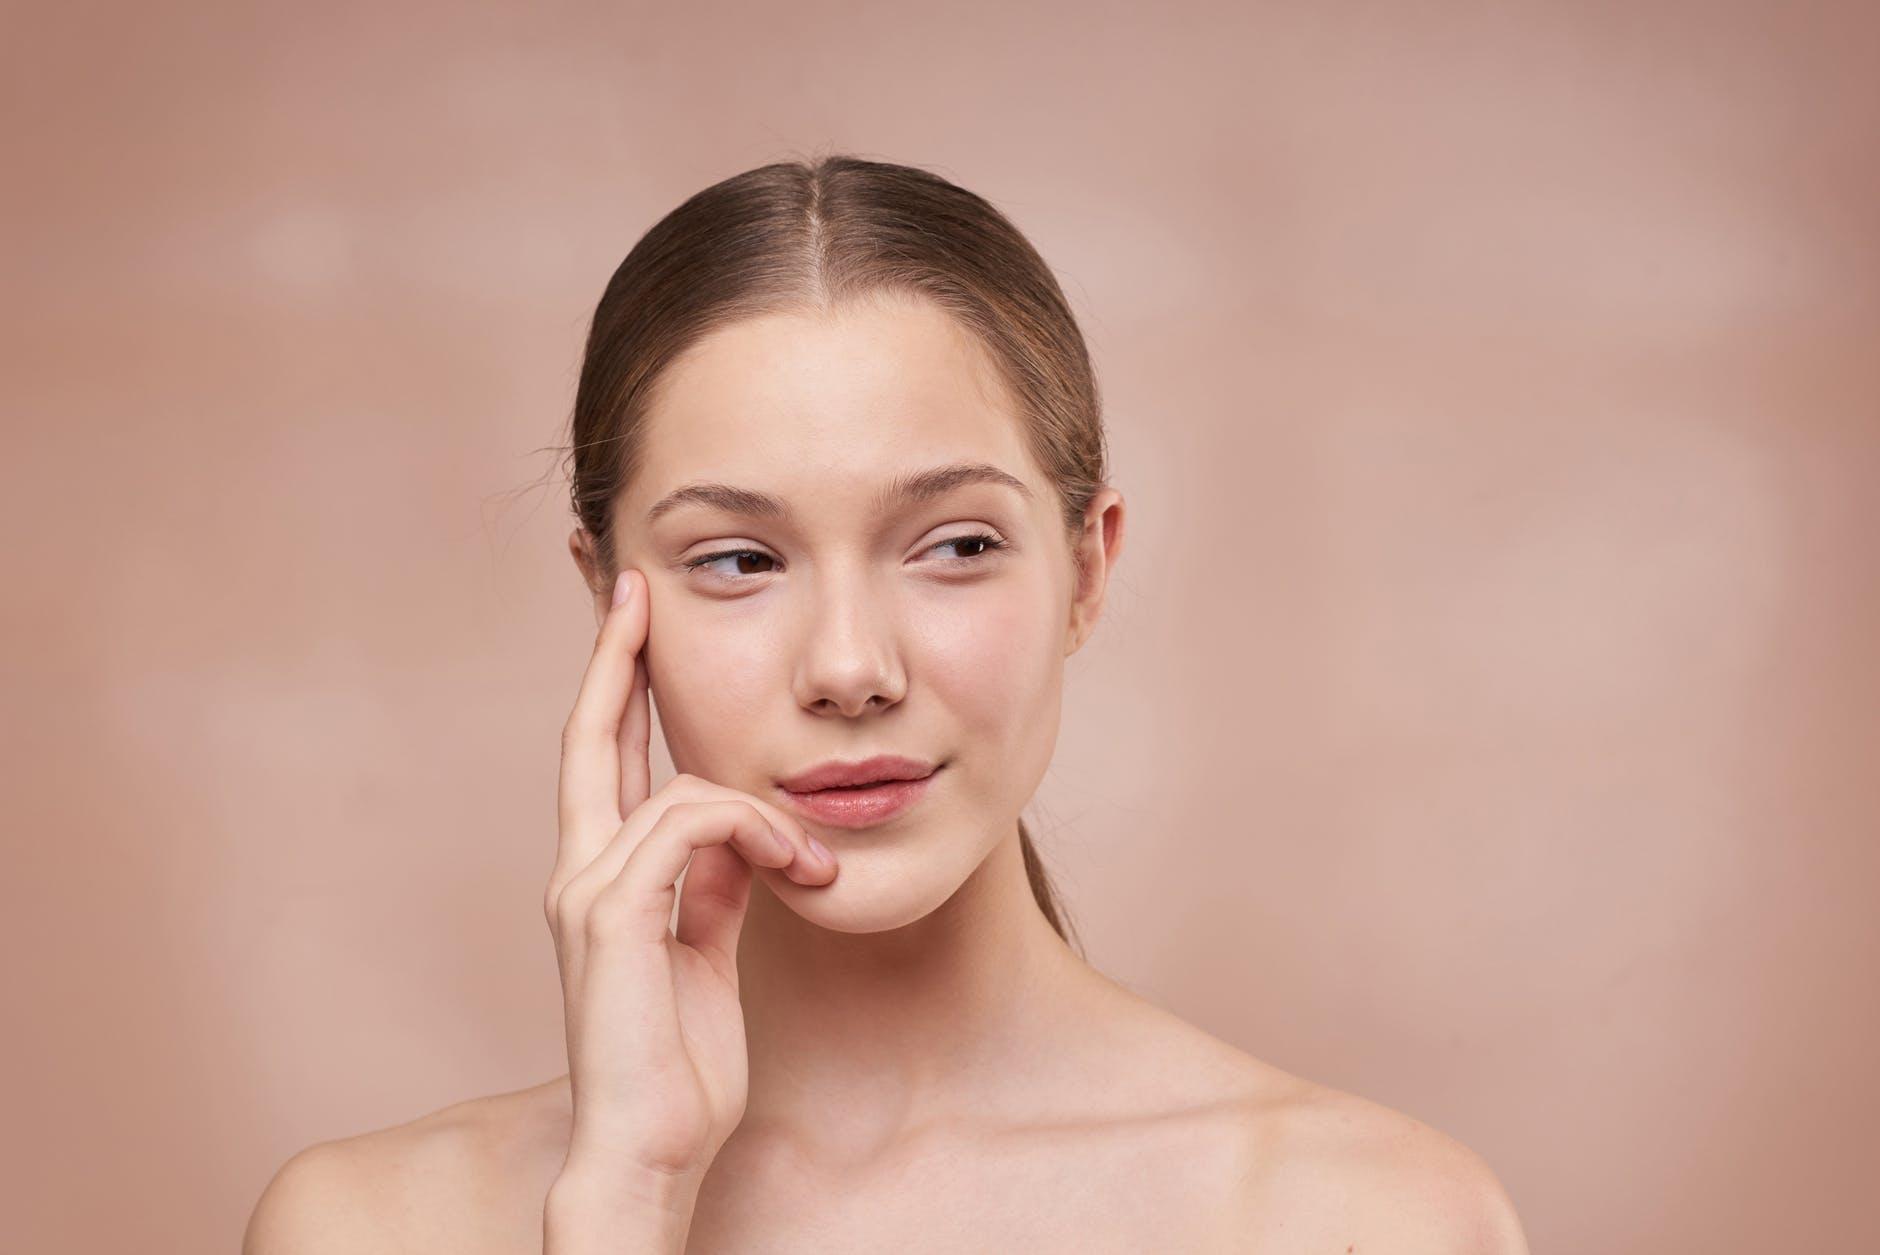 Comment se débarrasser de l'acné